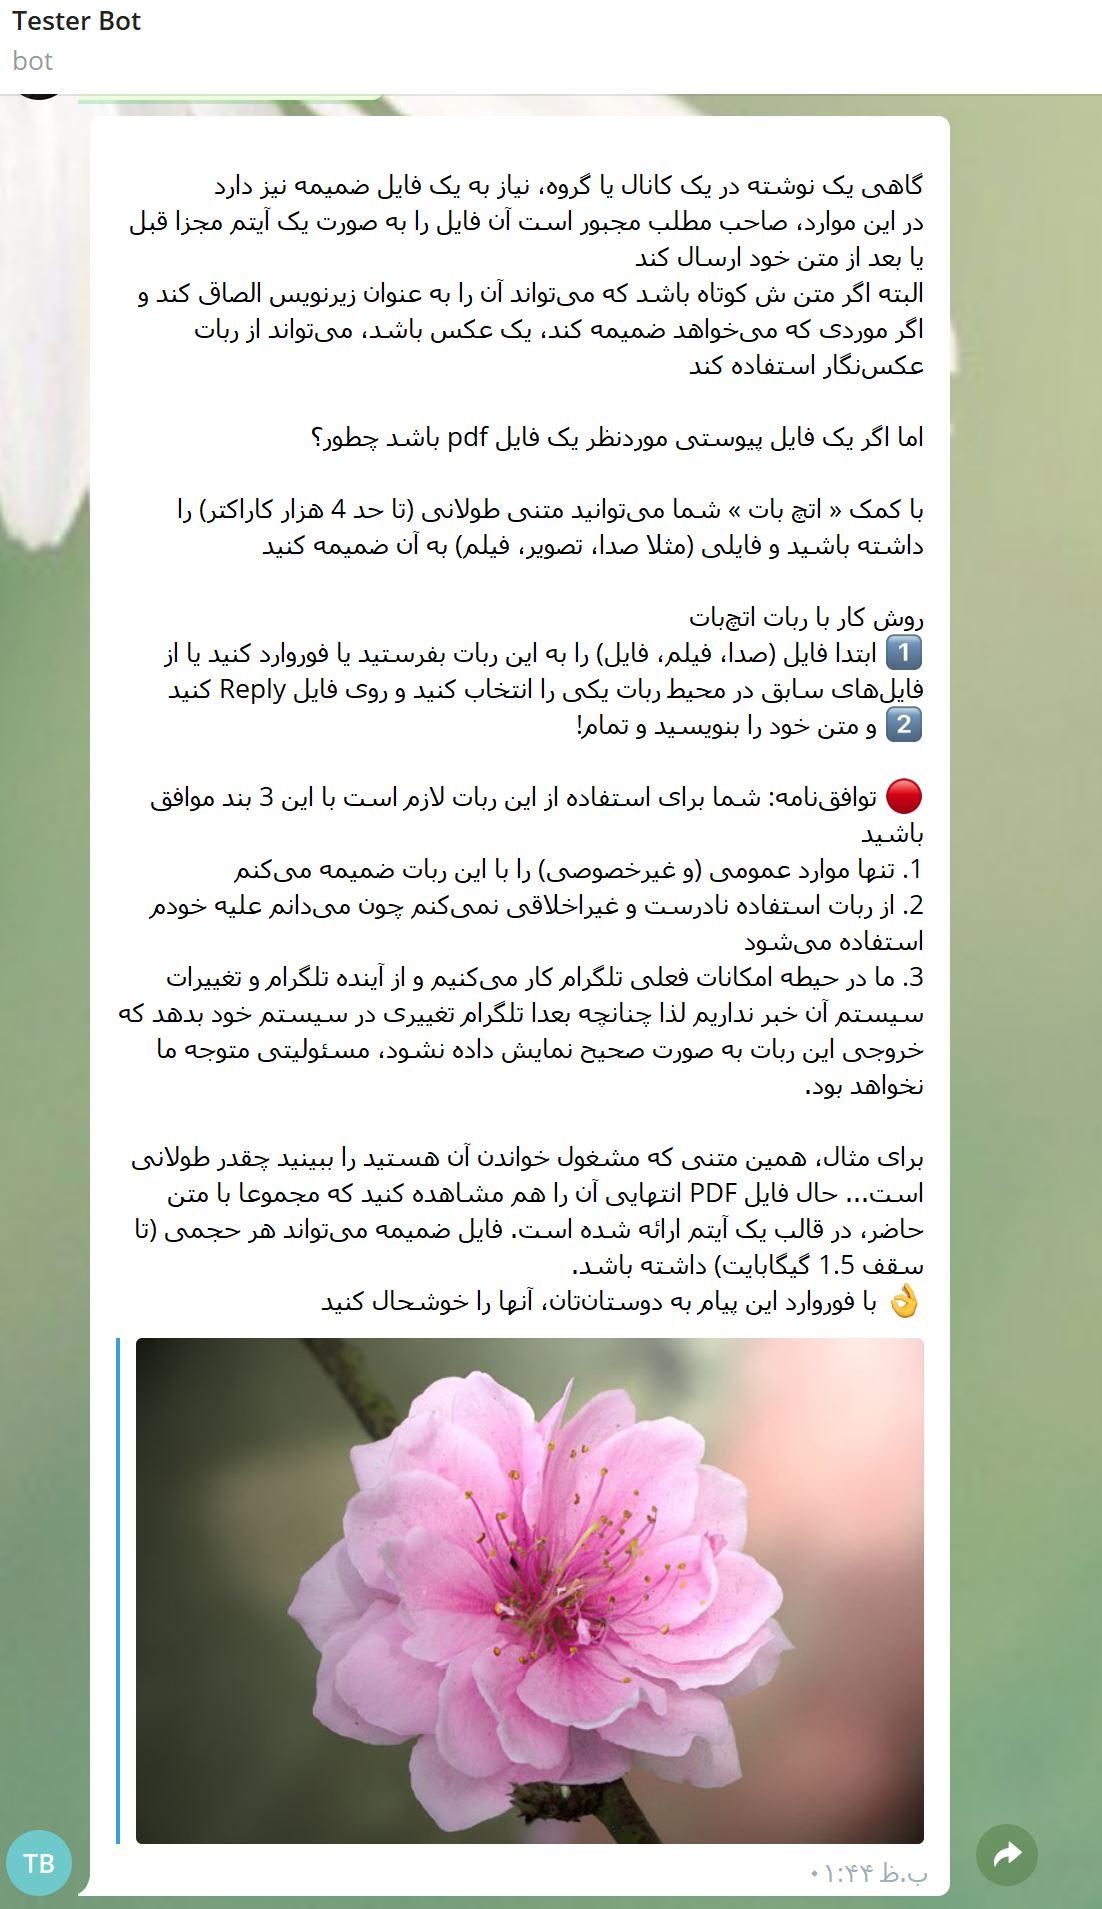 آموزش ضمیمه متنهای طولانی به فایلها و تصاویر از طریق ربات تلگرام